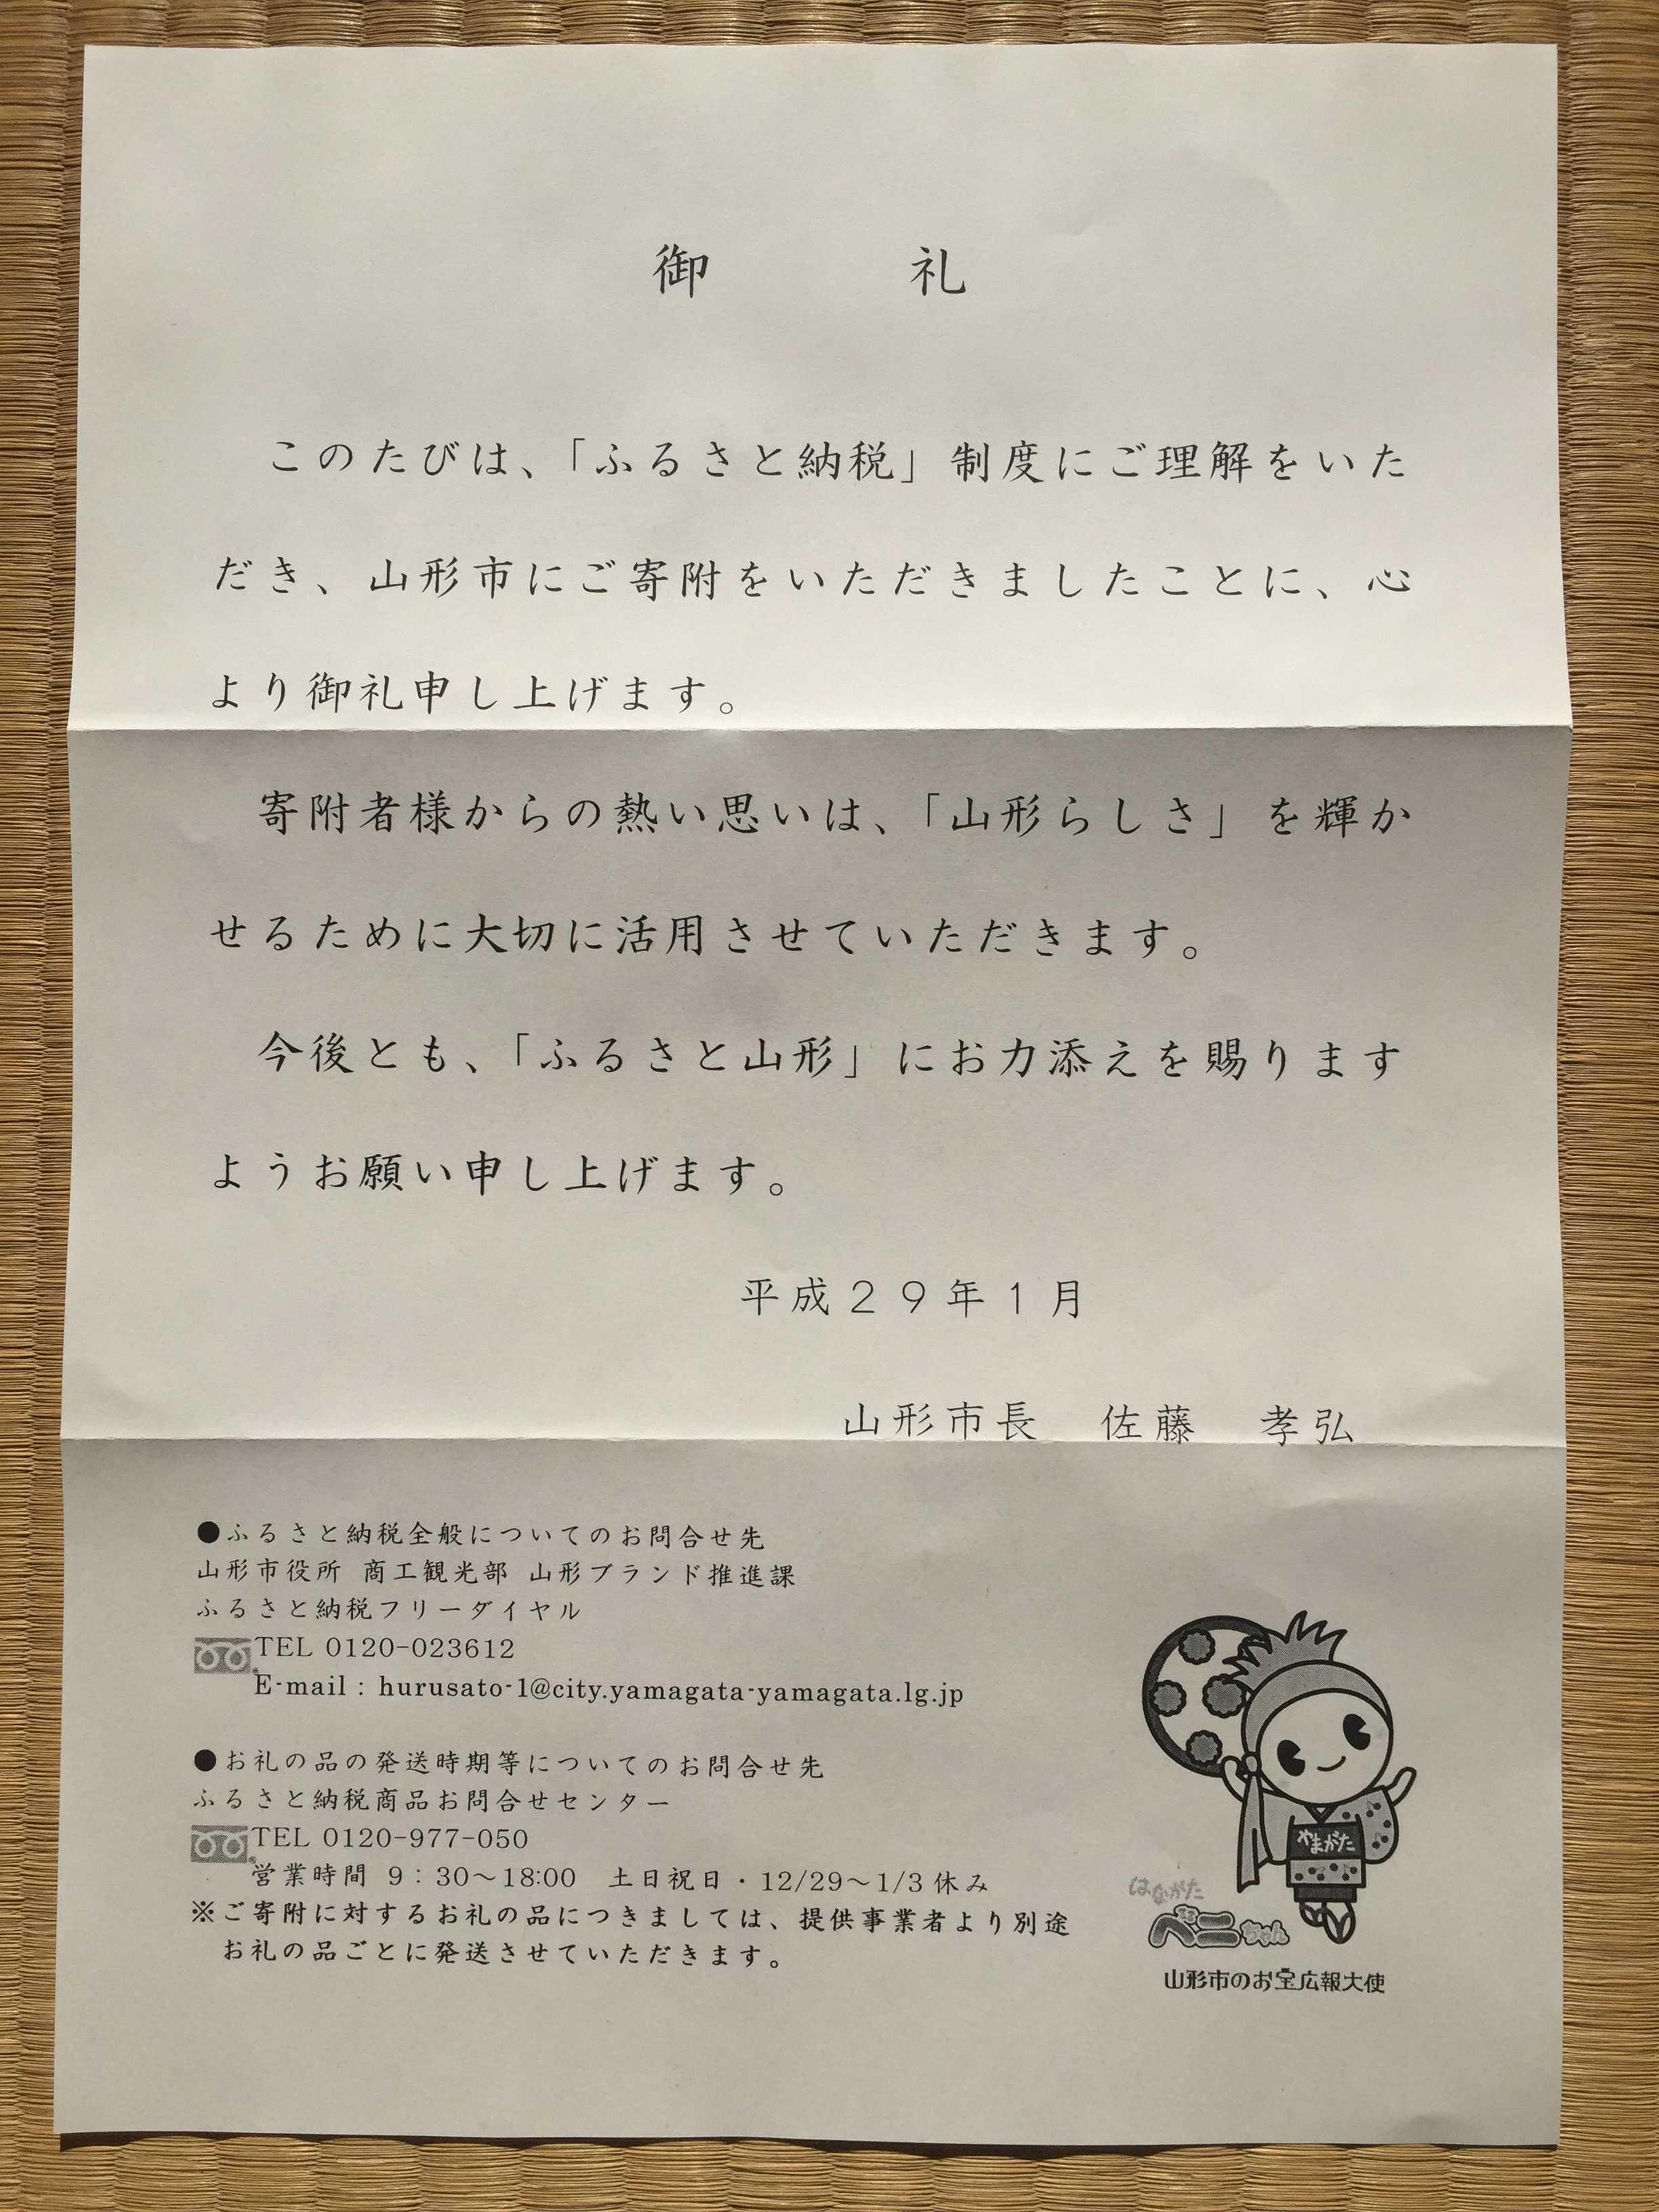 佐藤孝弘・山形市長からの山形市のふるさと納税寄附金への御礼の手紙